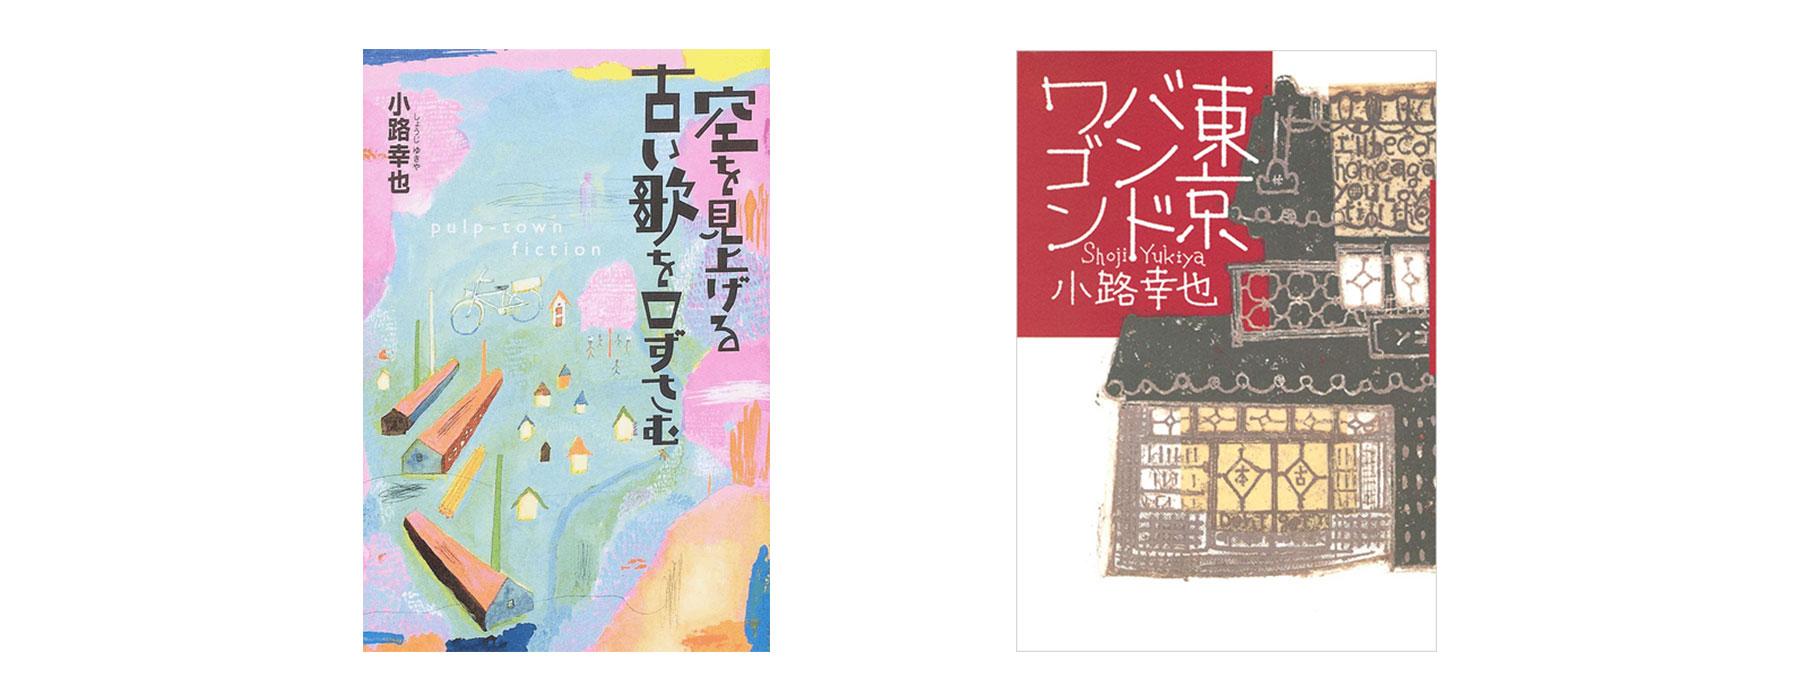 「空を見上げる古い歌を口ずさむ」「東京バンドワゴン」